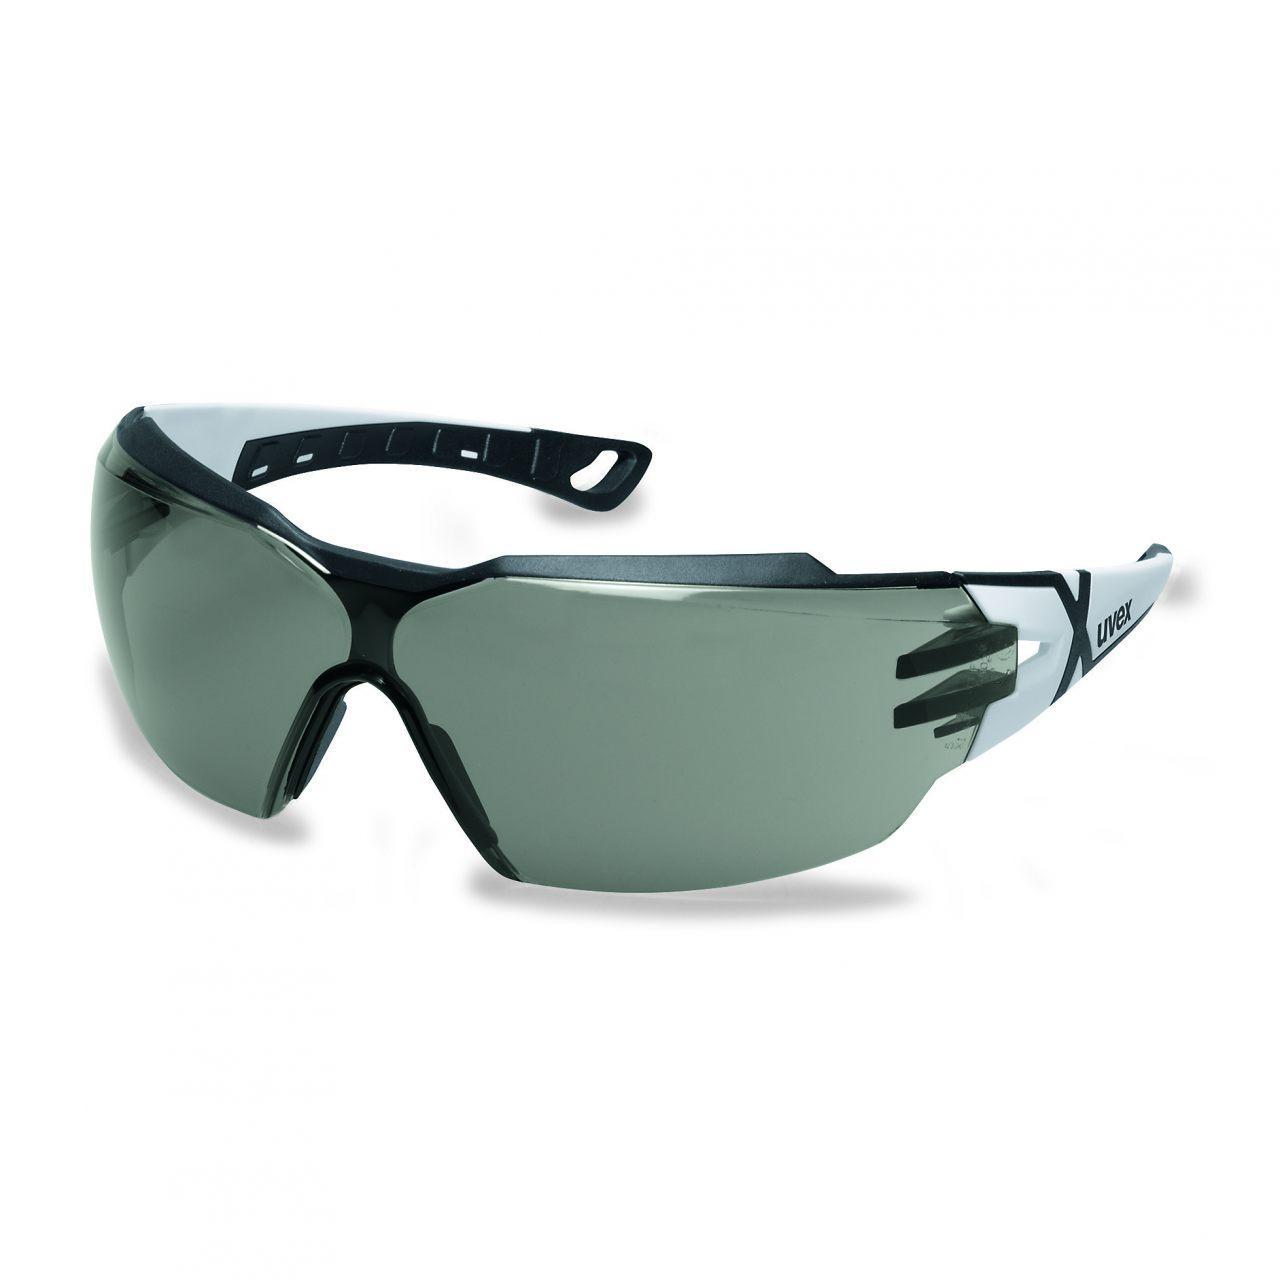 Uvex Pheos CX2 Safety Glasses Grey